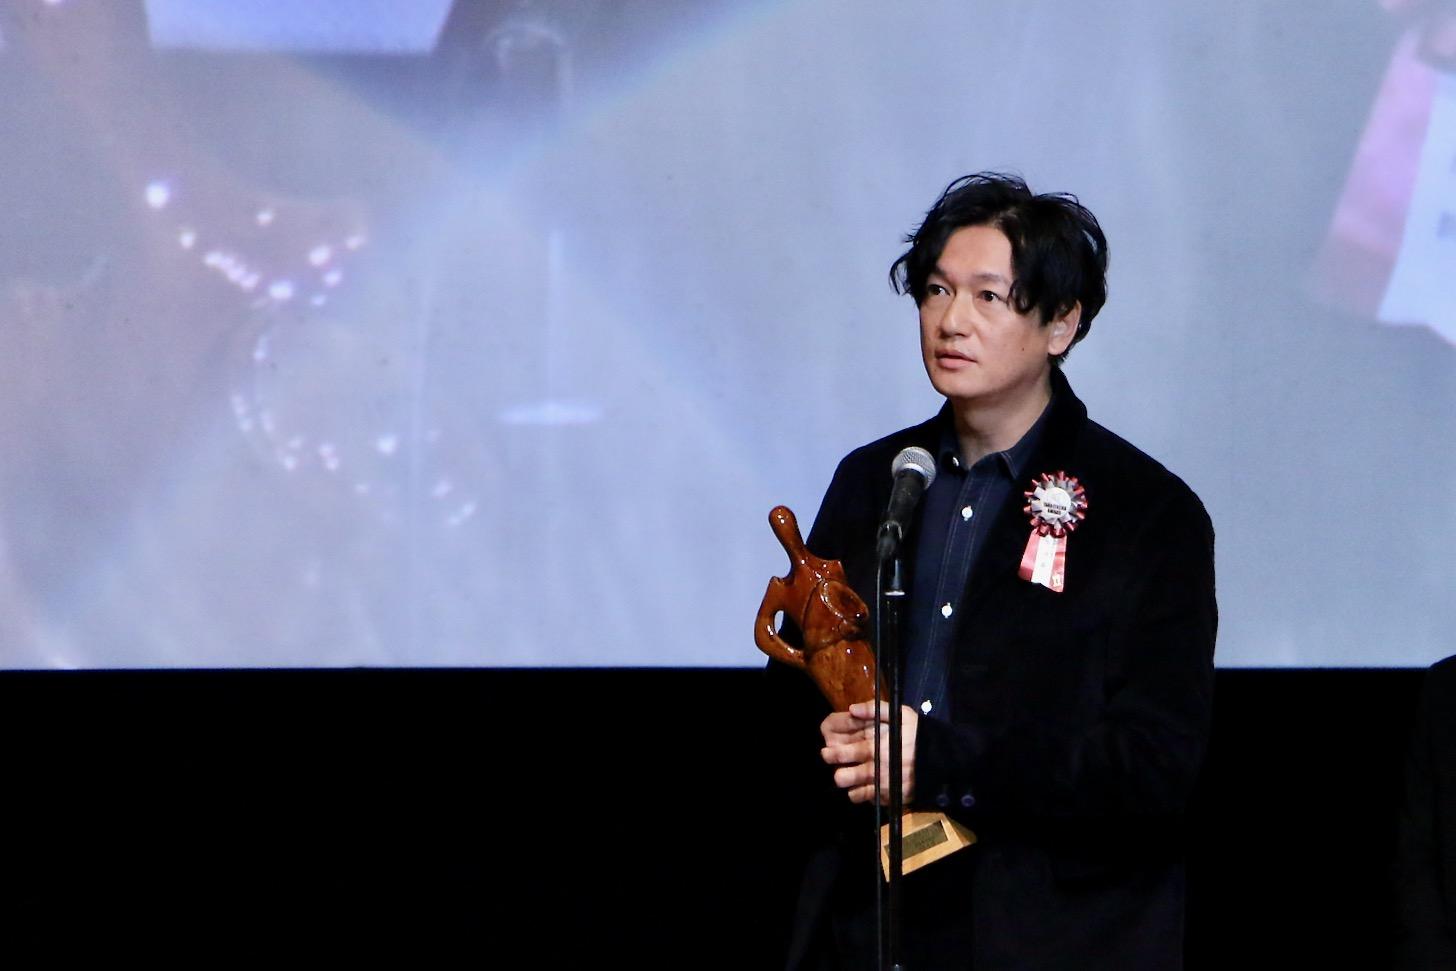 井浦新さん(最優秀男優賞)第11回TAMA映画賞授賞式